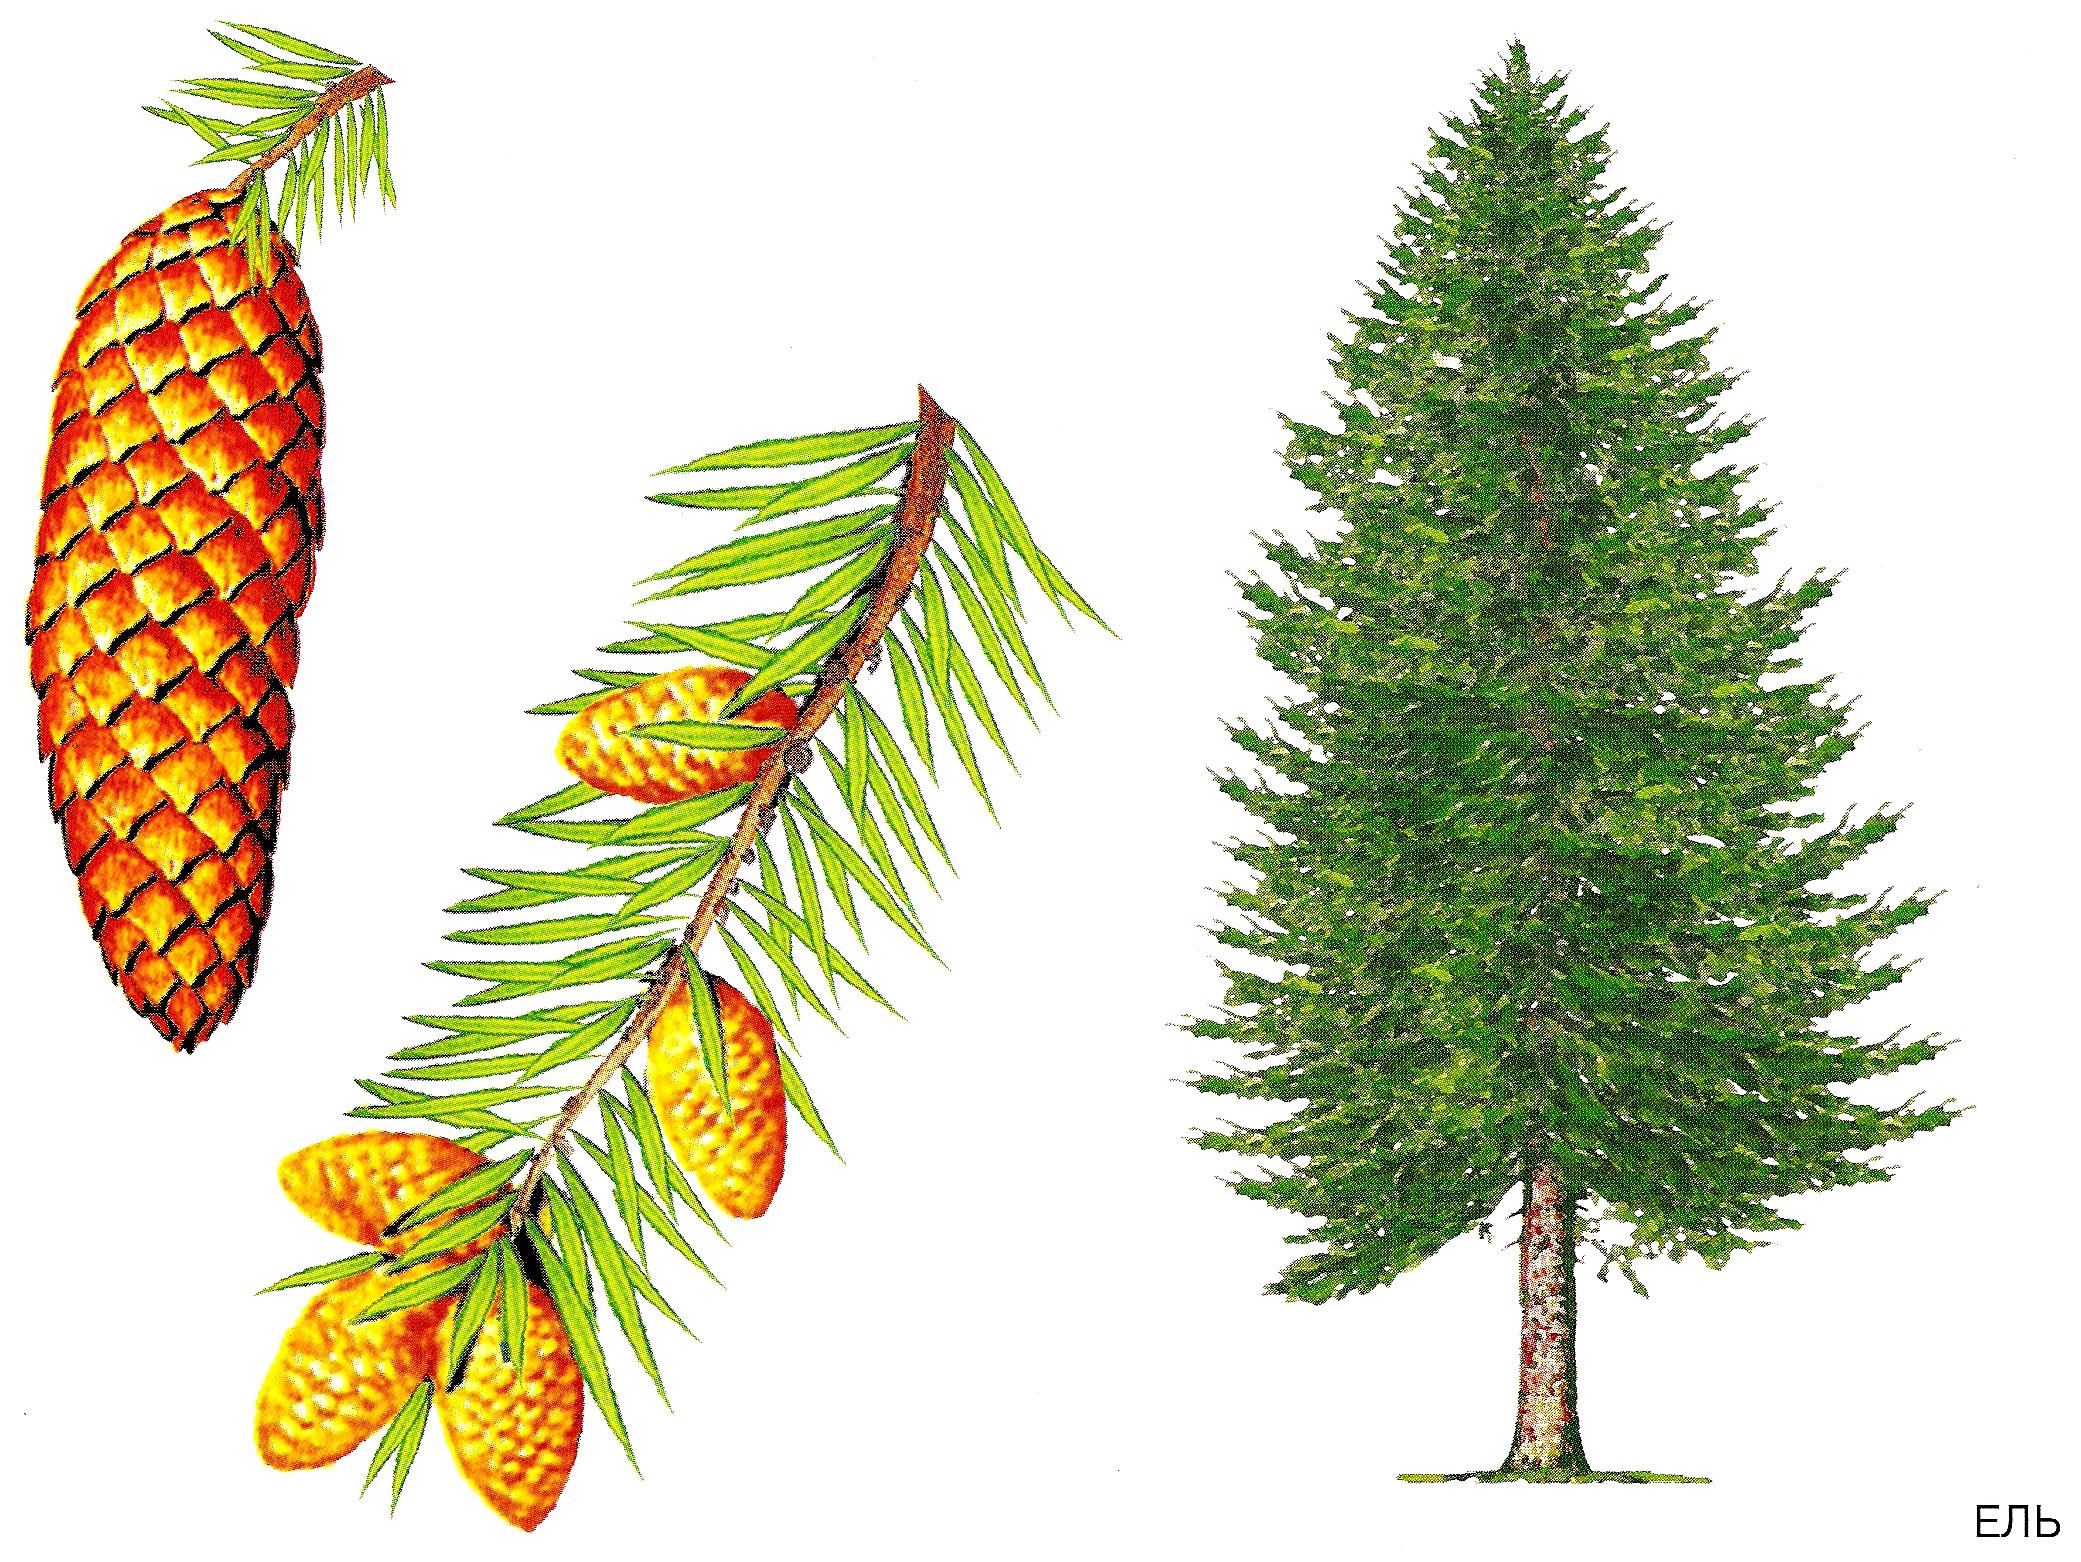 Картинки с хвойными деревьями для детей